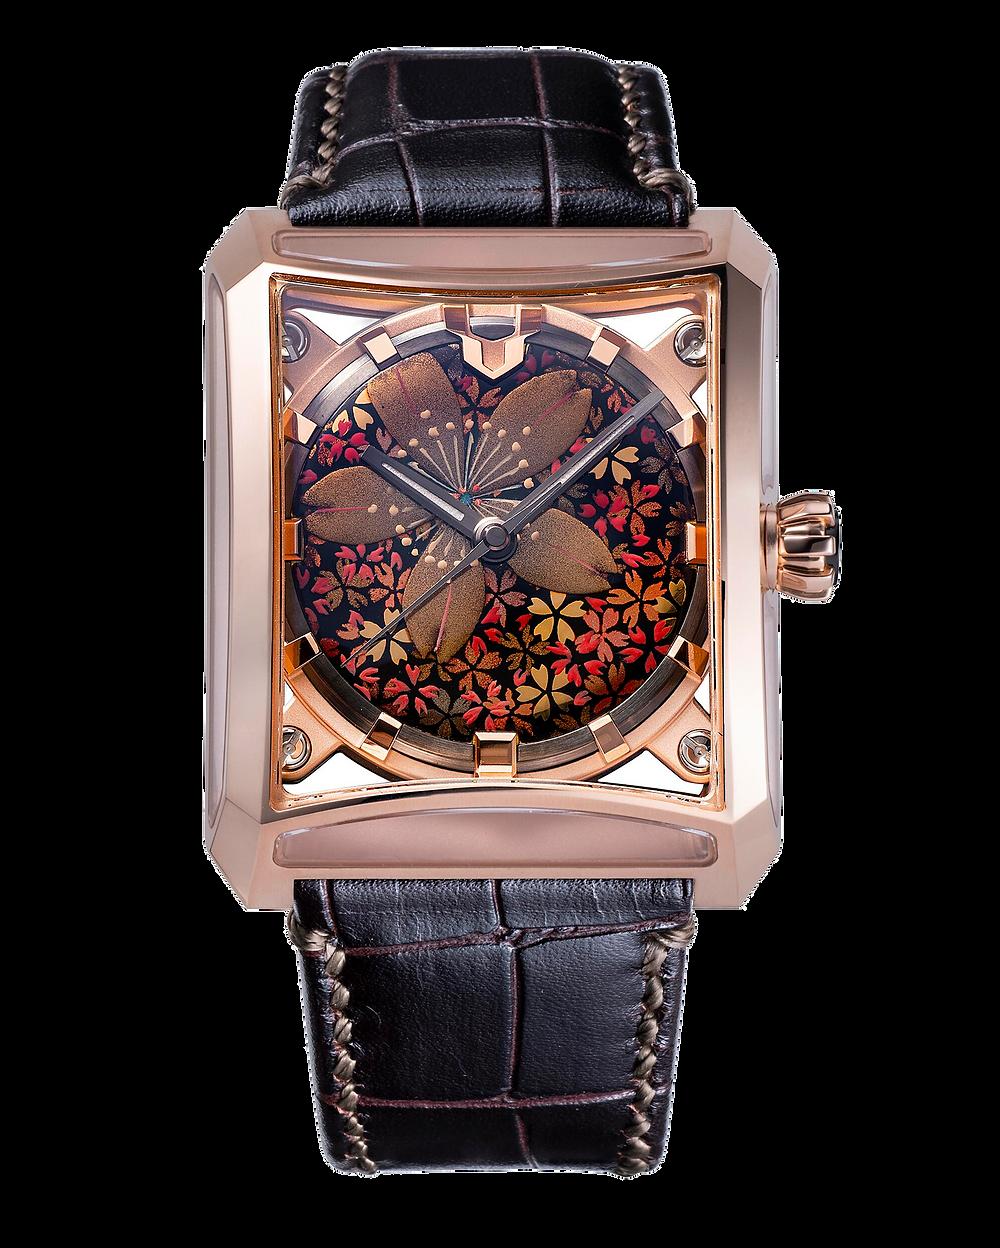 Reloj de lujo marca Minase serie Makie Yama Sakura VM15-CBKMA4-KPJ